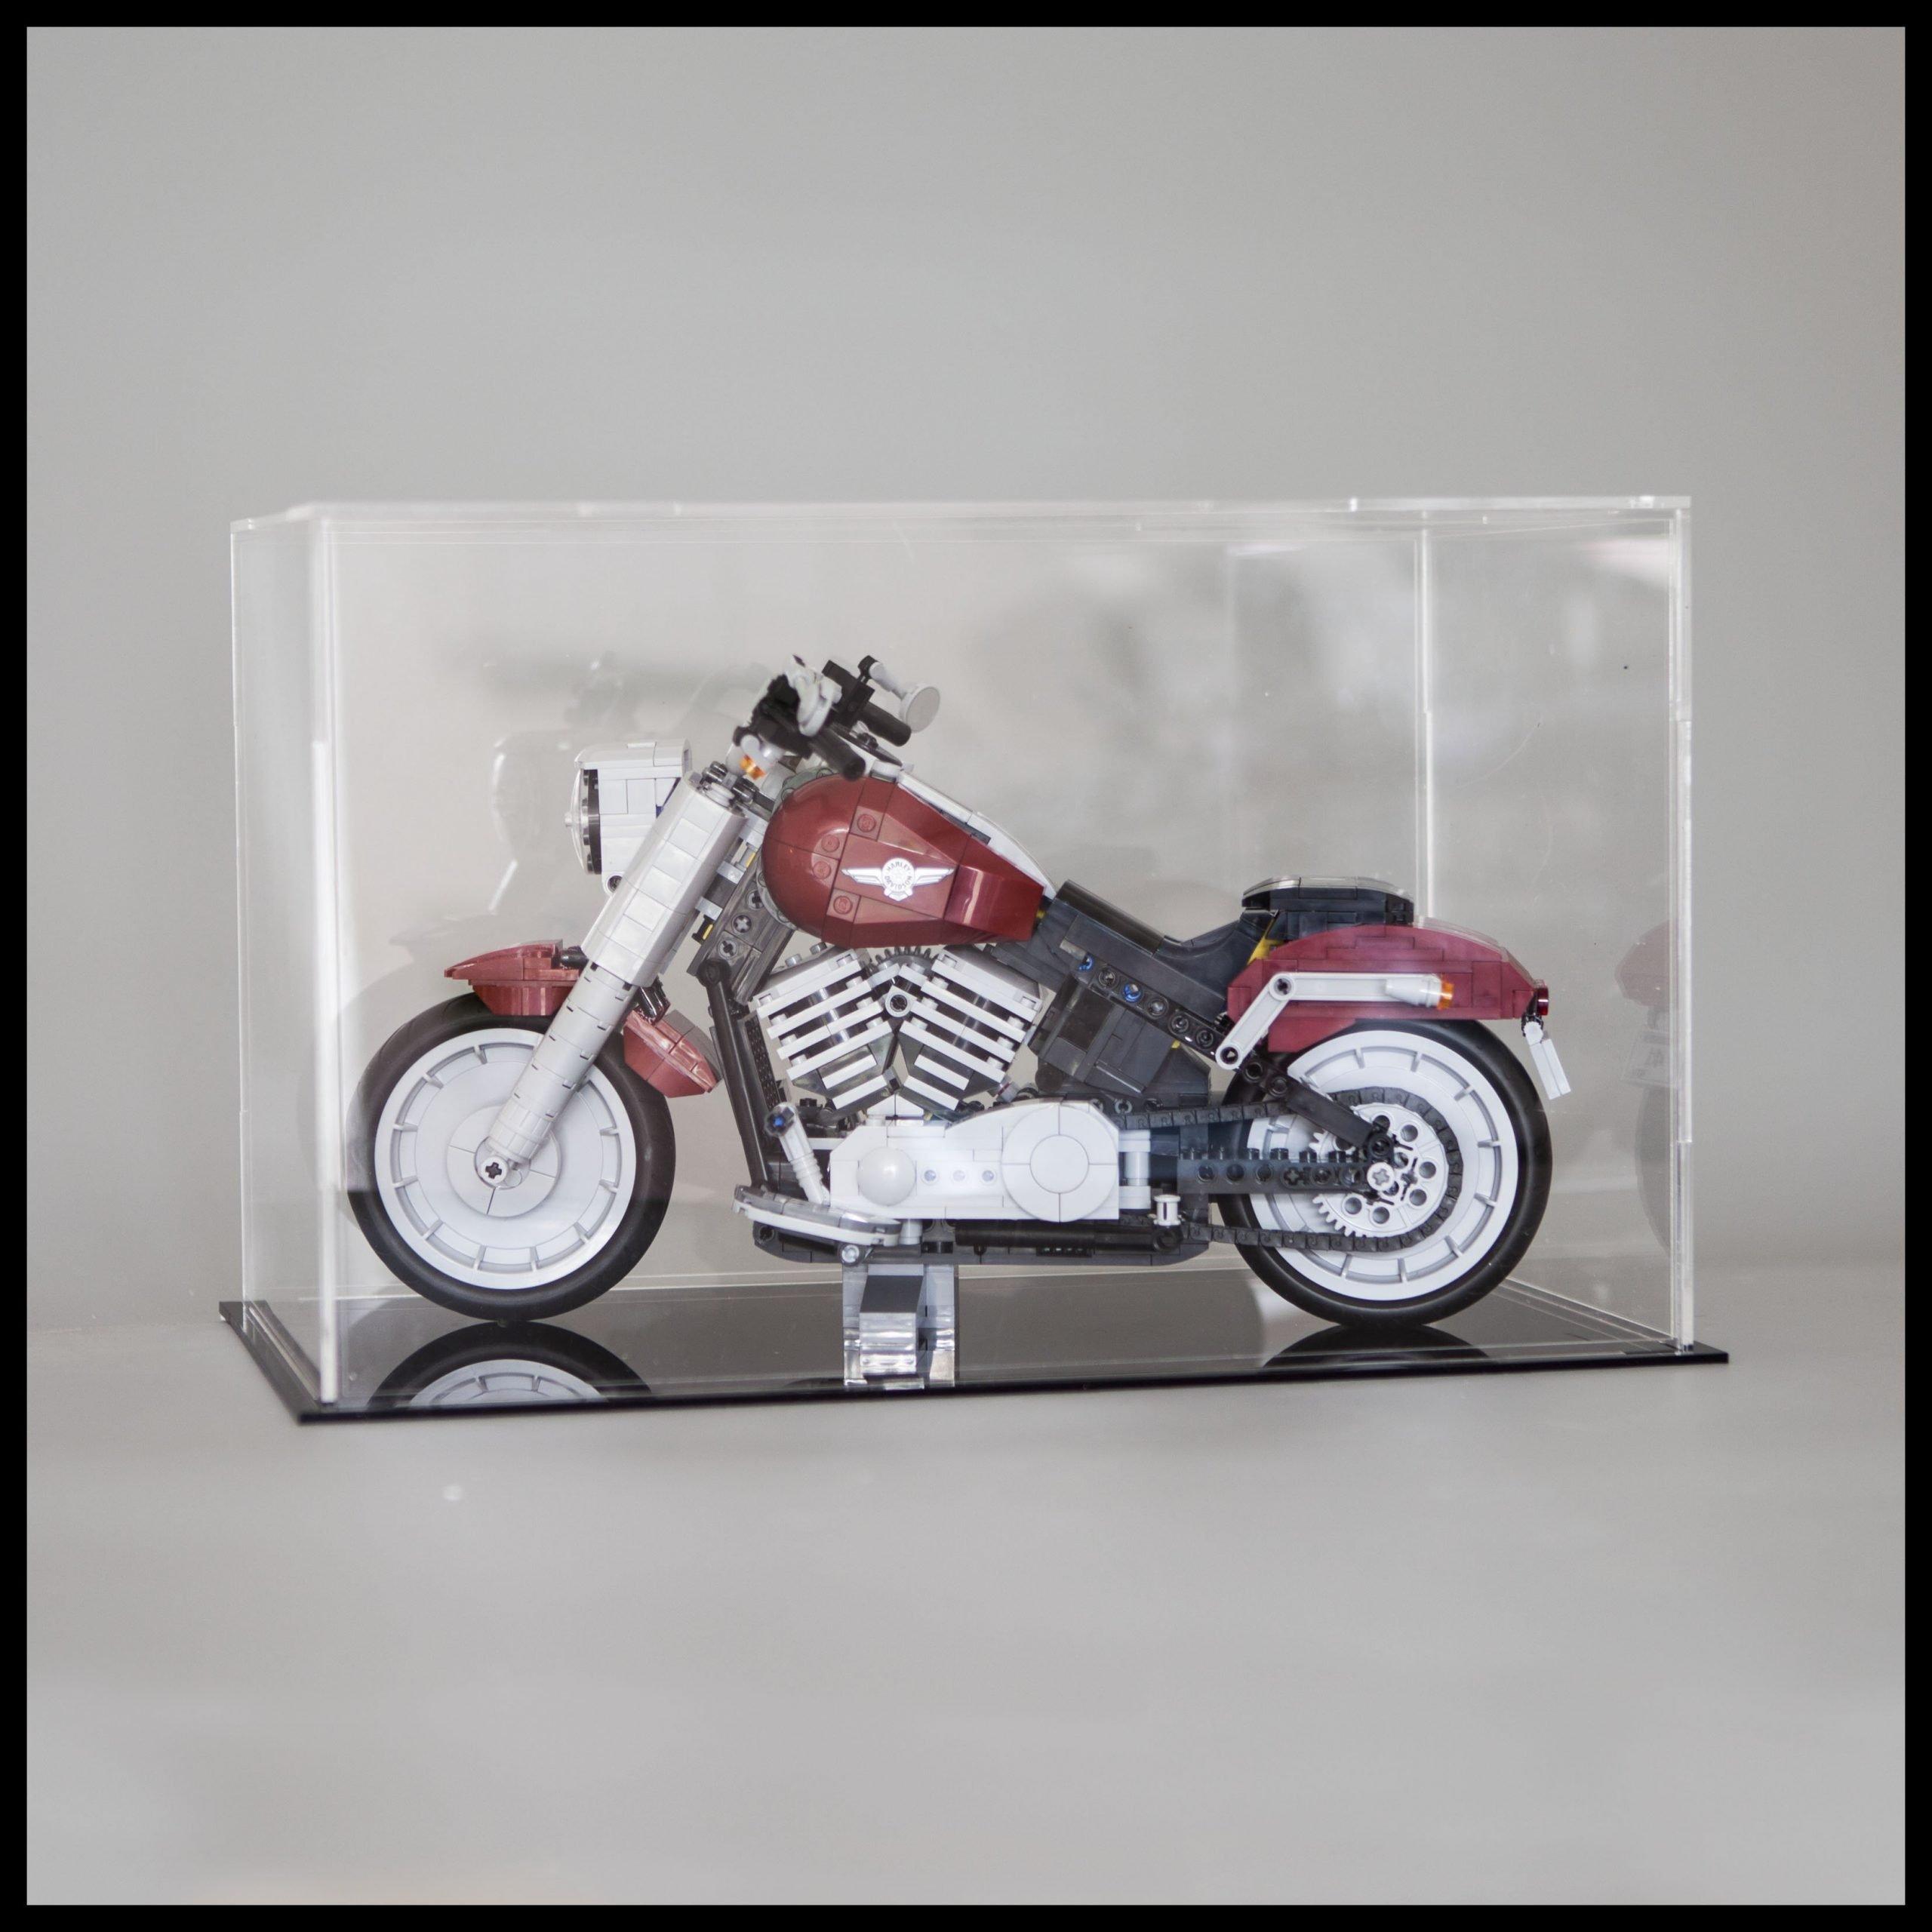 Acrylglas Vitrine Haube für LEGO Harley Davidson 10269